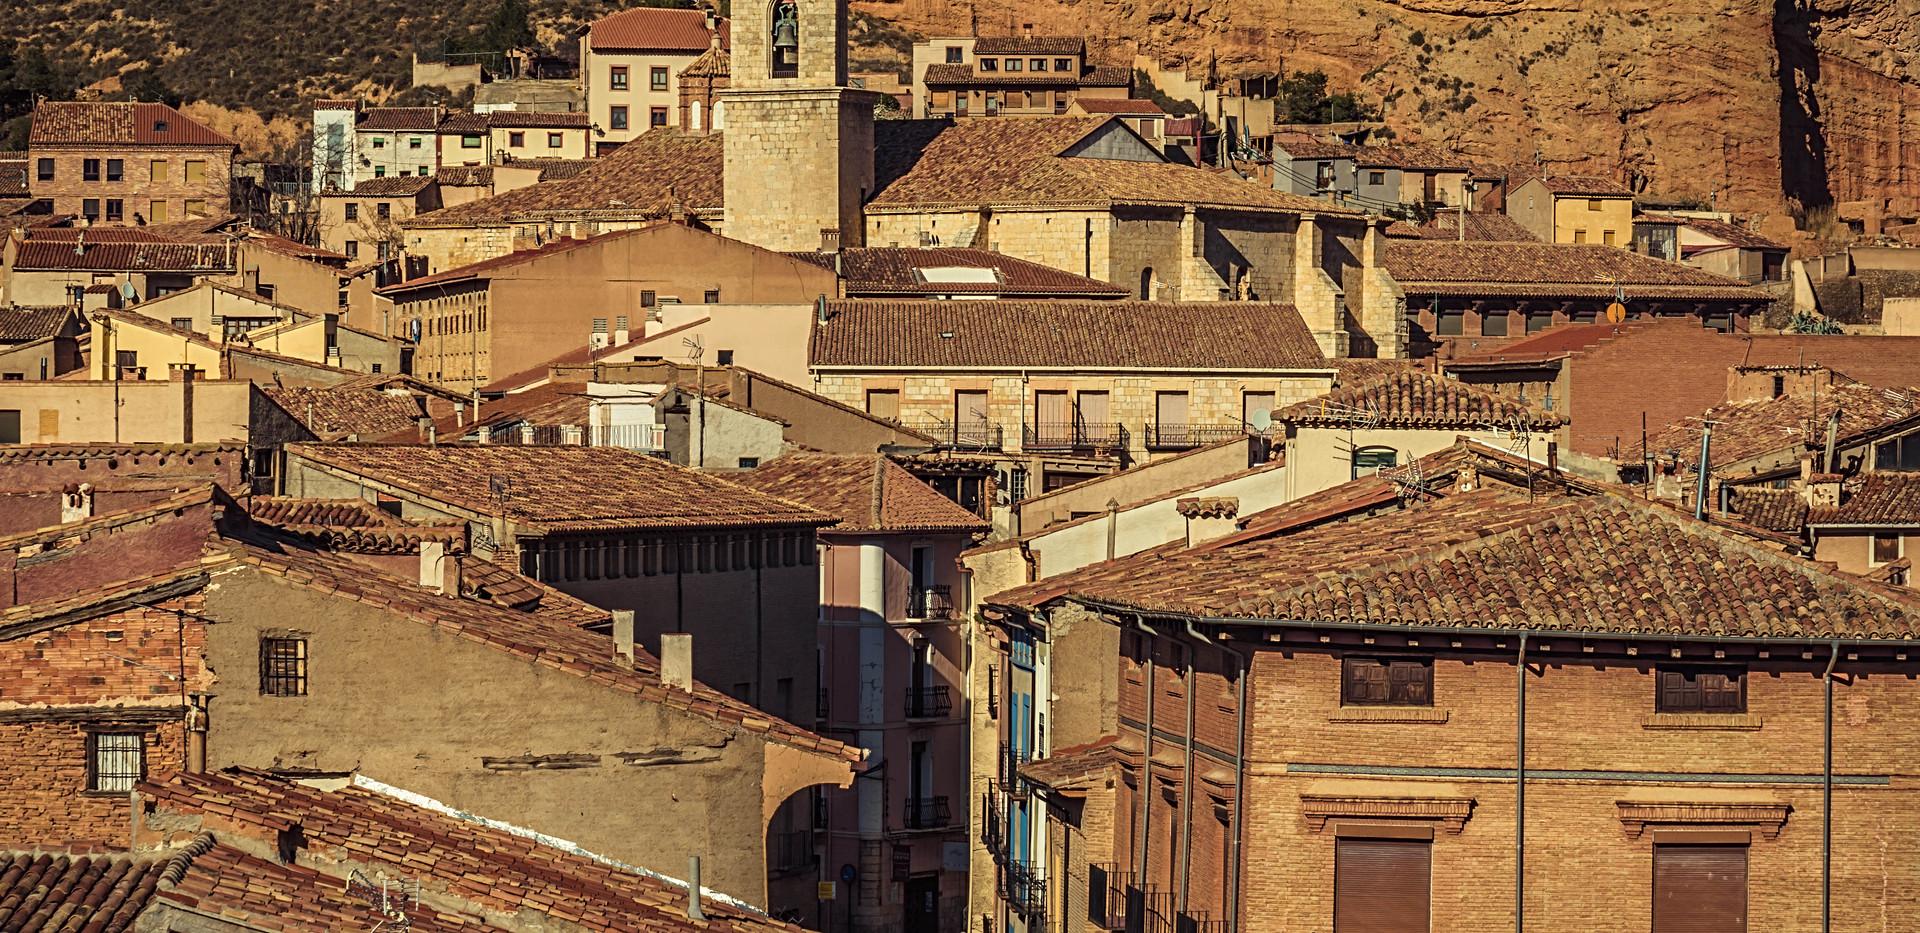 Pueblo histórico / Historic town